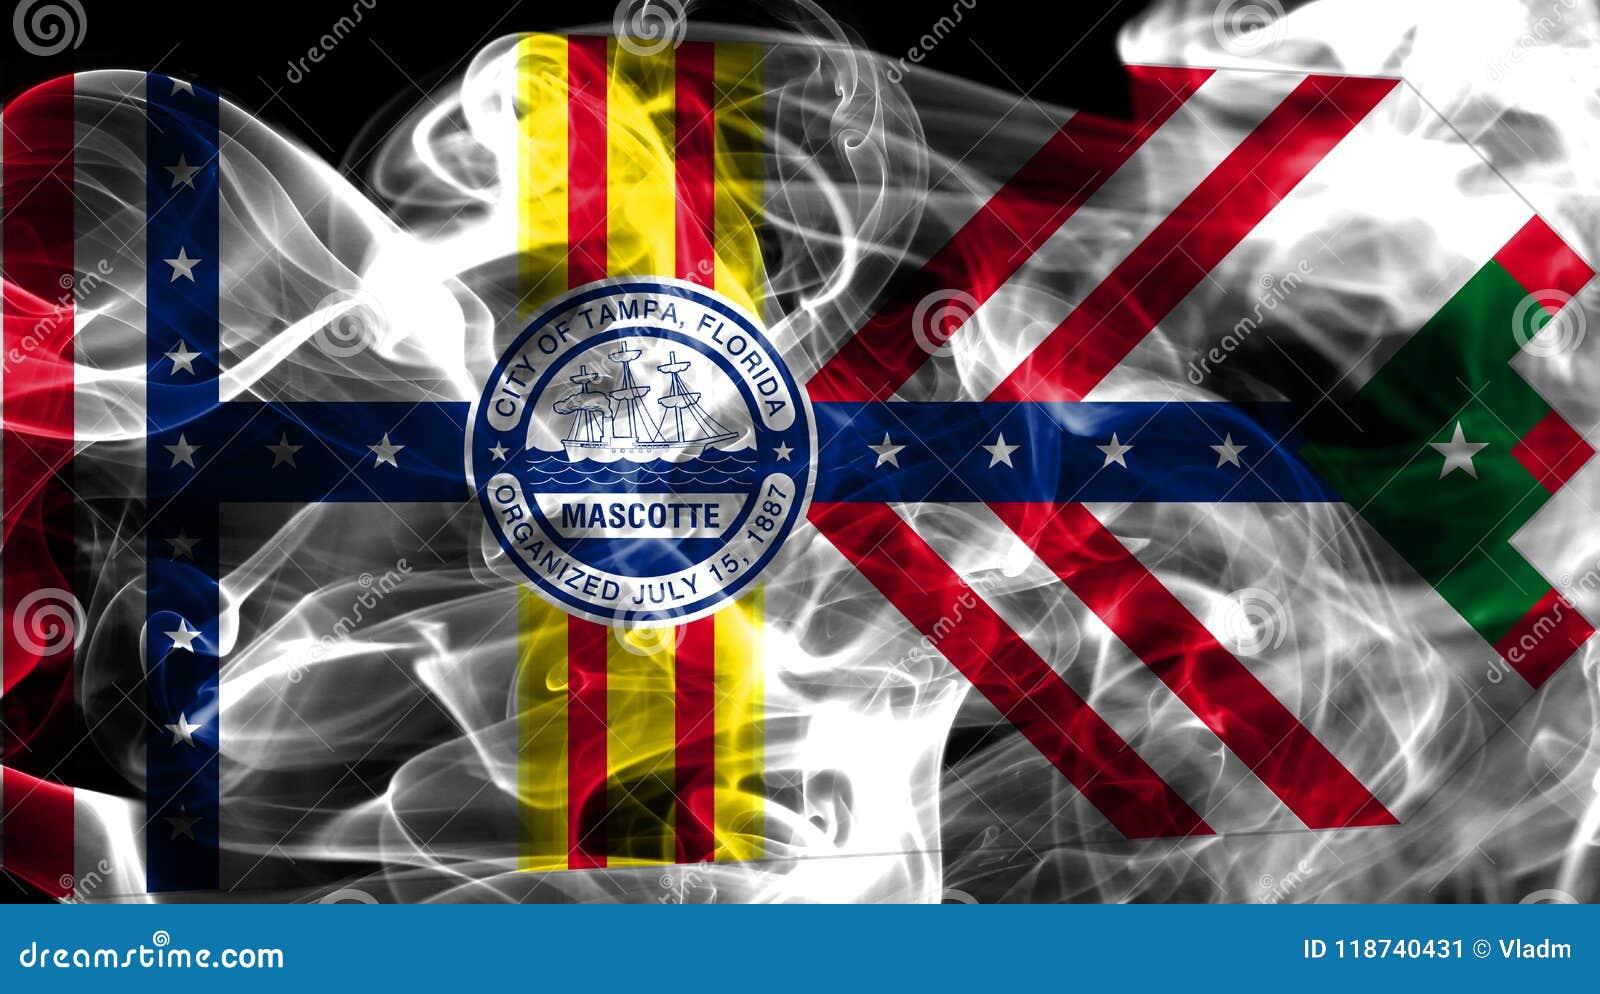 Drapeau de fumée de ville de Tampa, état de la Floride, Etats-Unis d Amérique